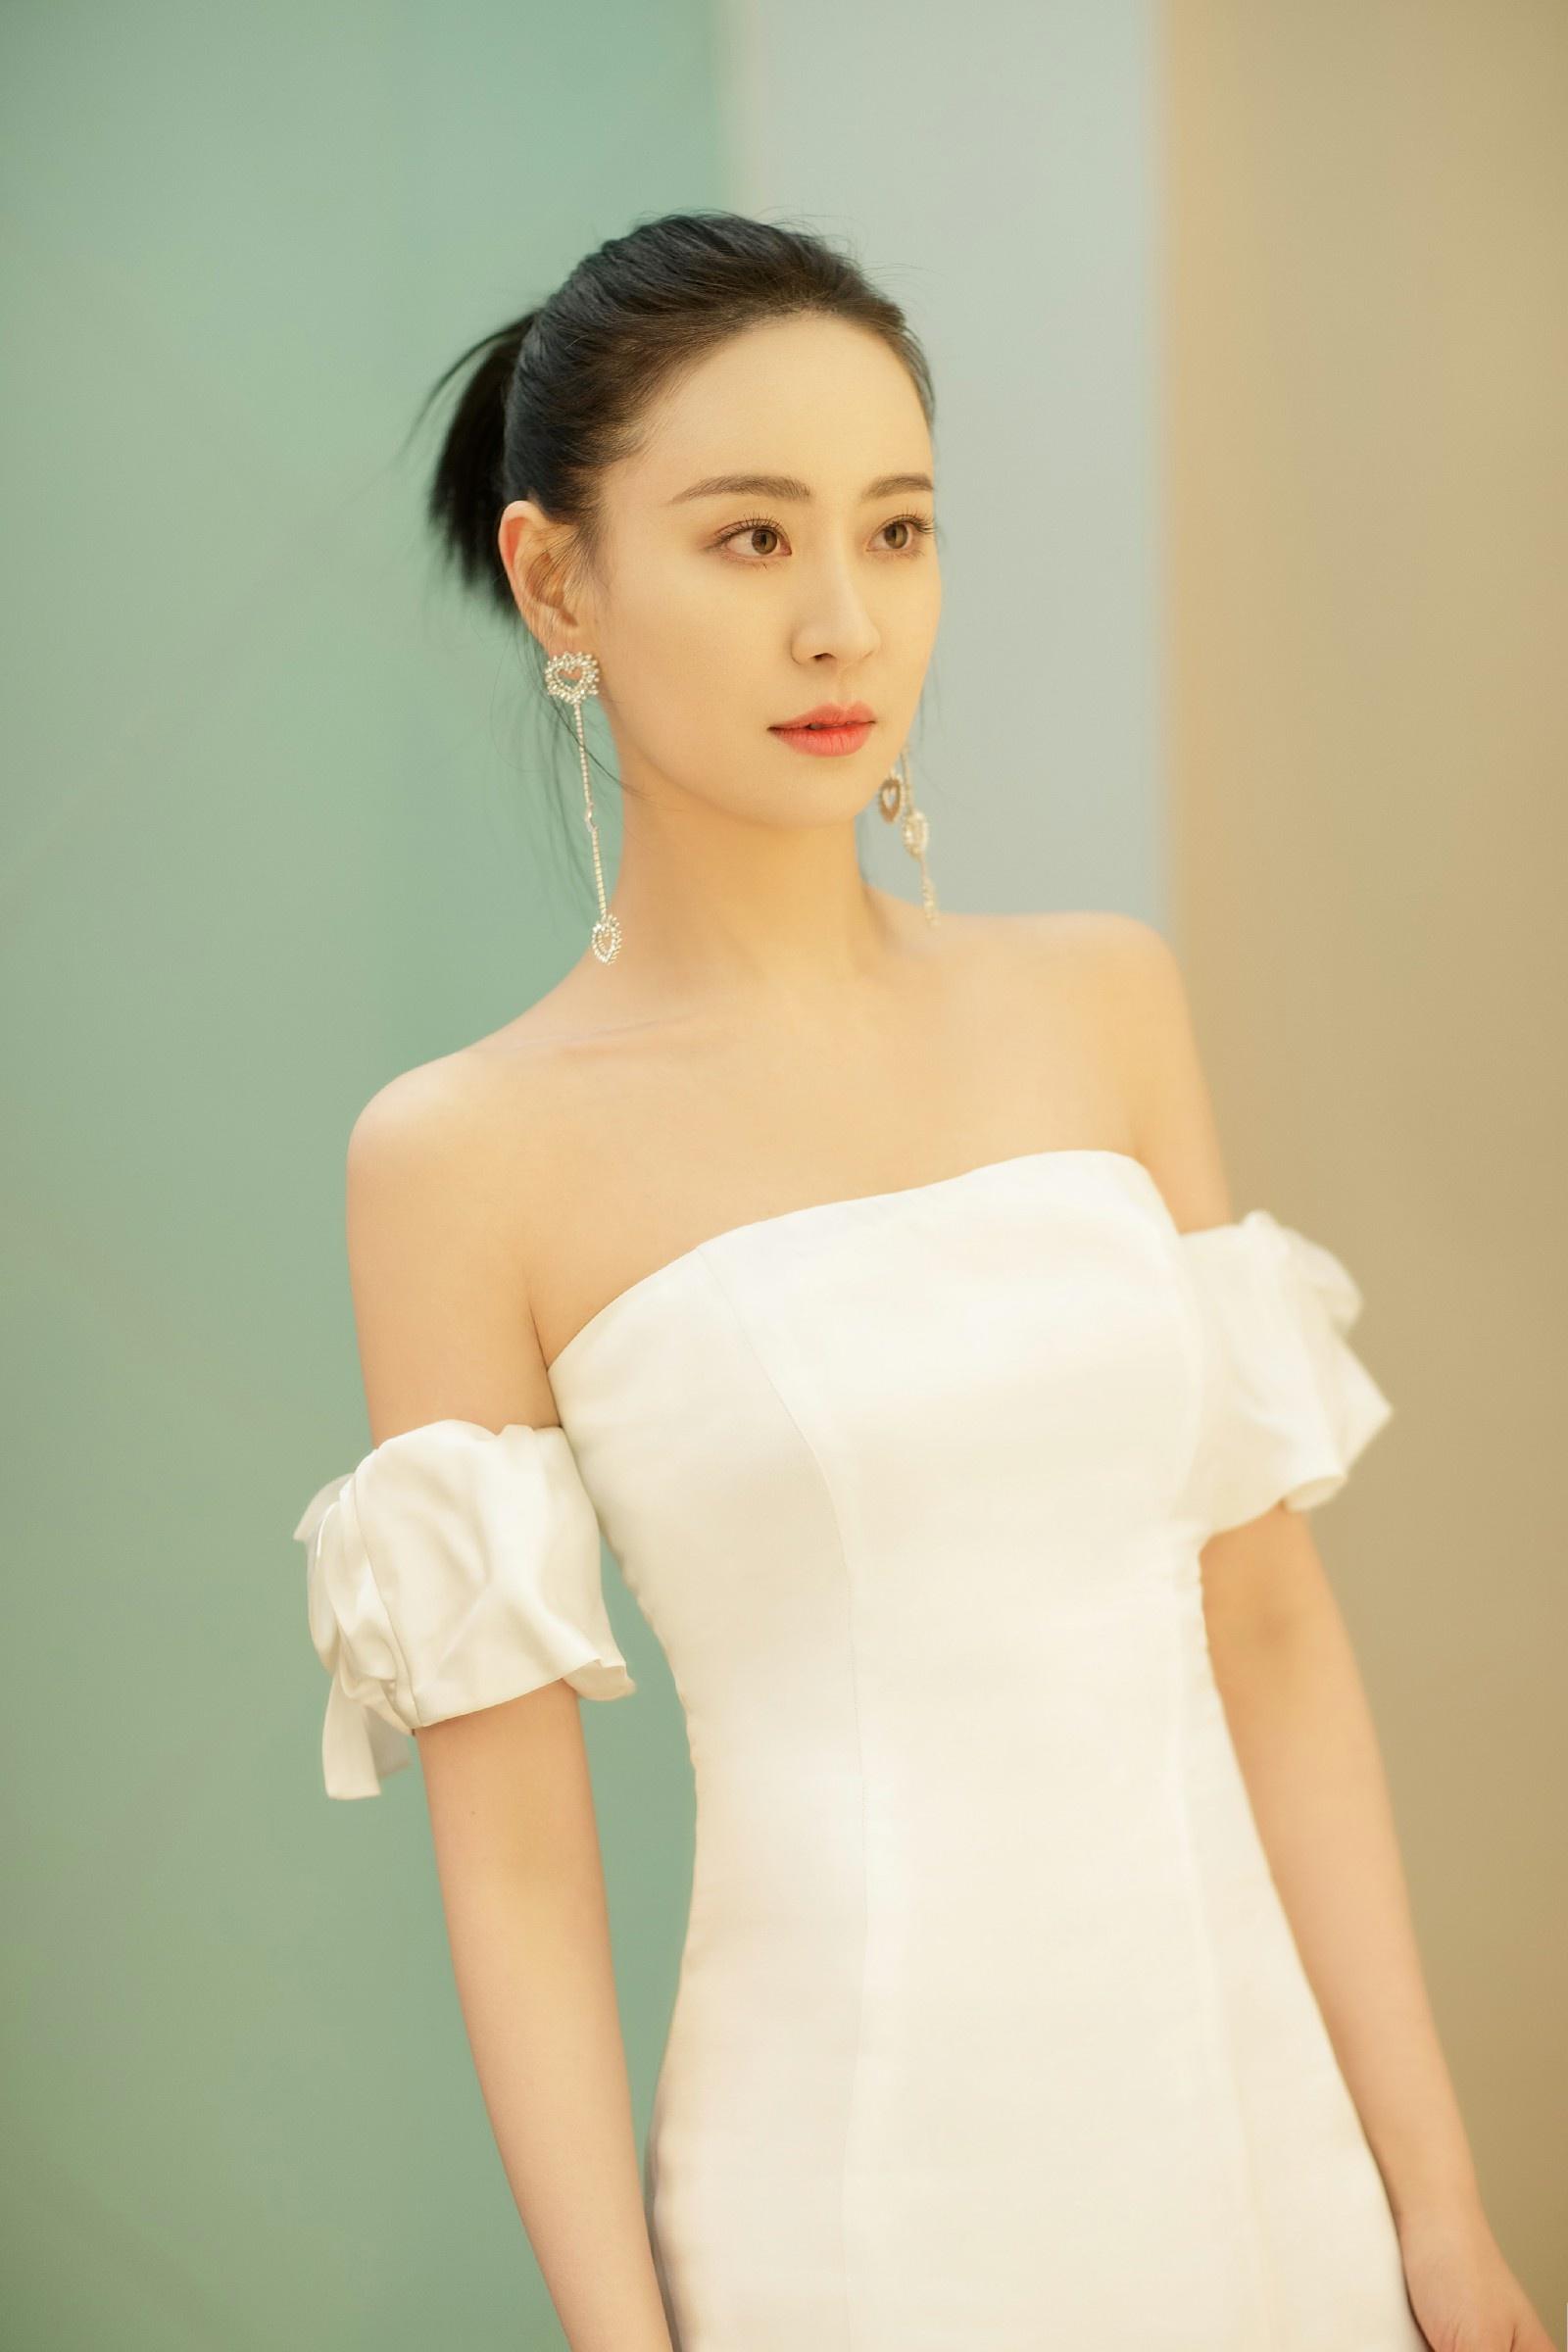 王乐君亮相跨年晚会 直角肩惊艳女神范max